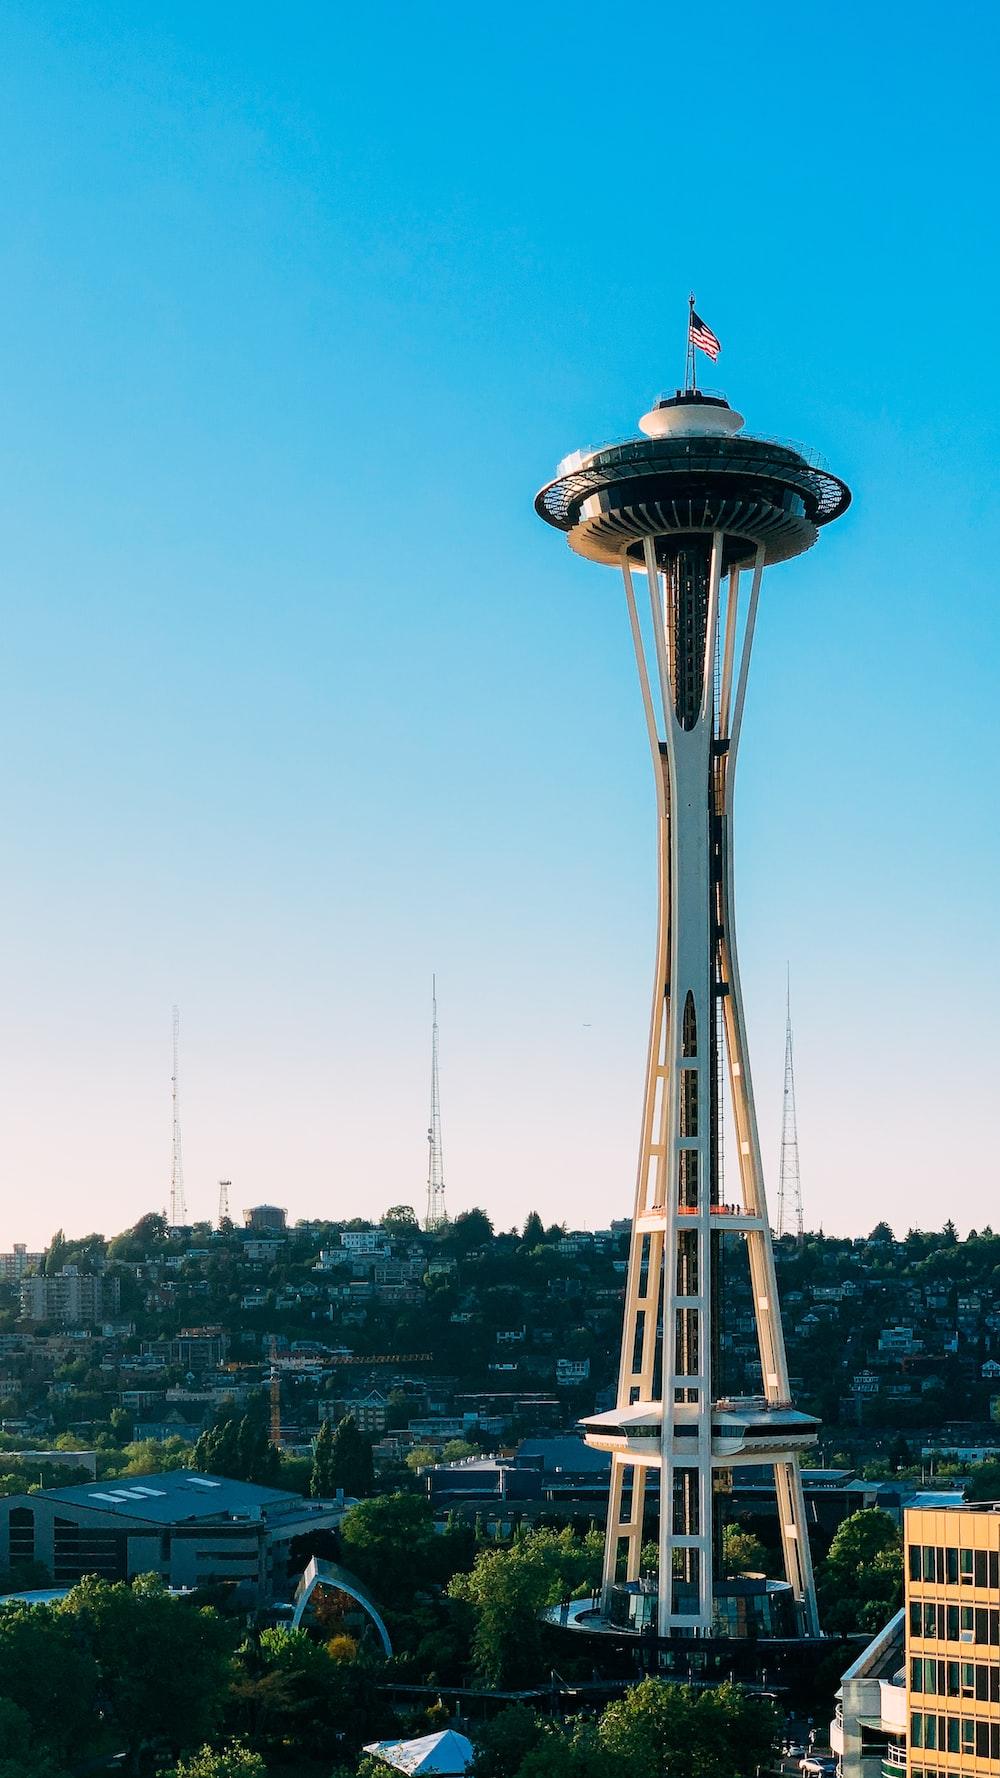 Seattle Washington's Space Needle